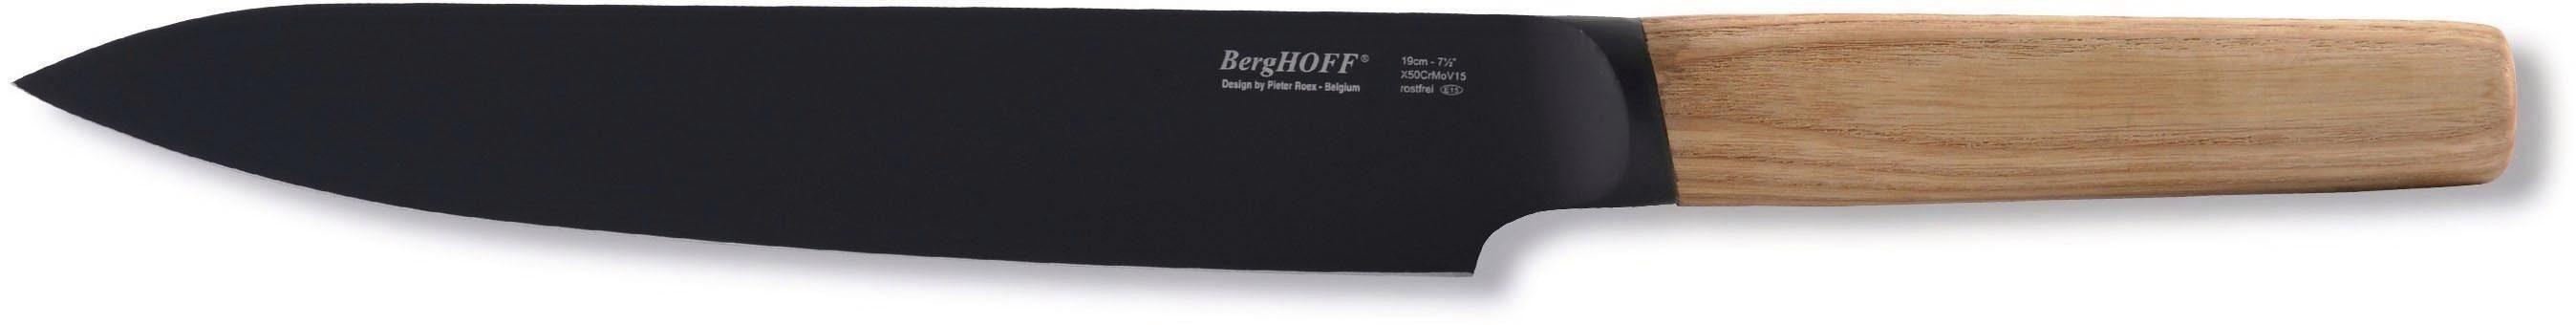 BergHOFF Tranchiermesser, Griff Eschenholz, 19 cm, »Ron line«